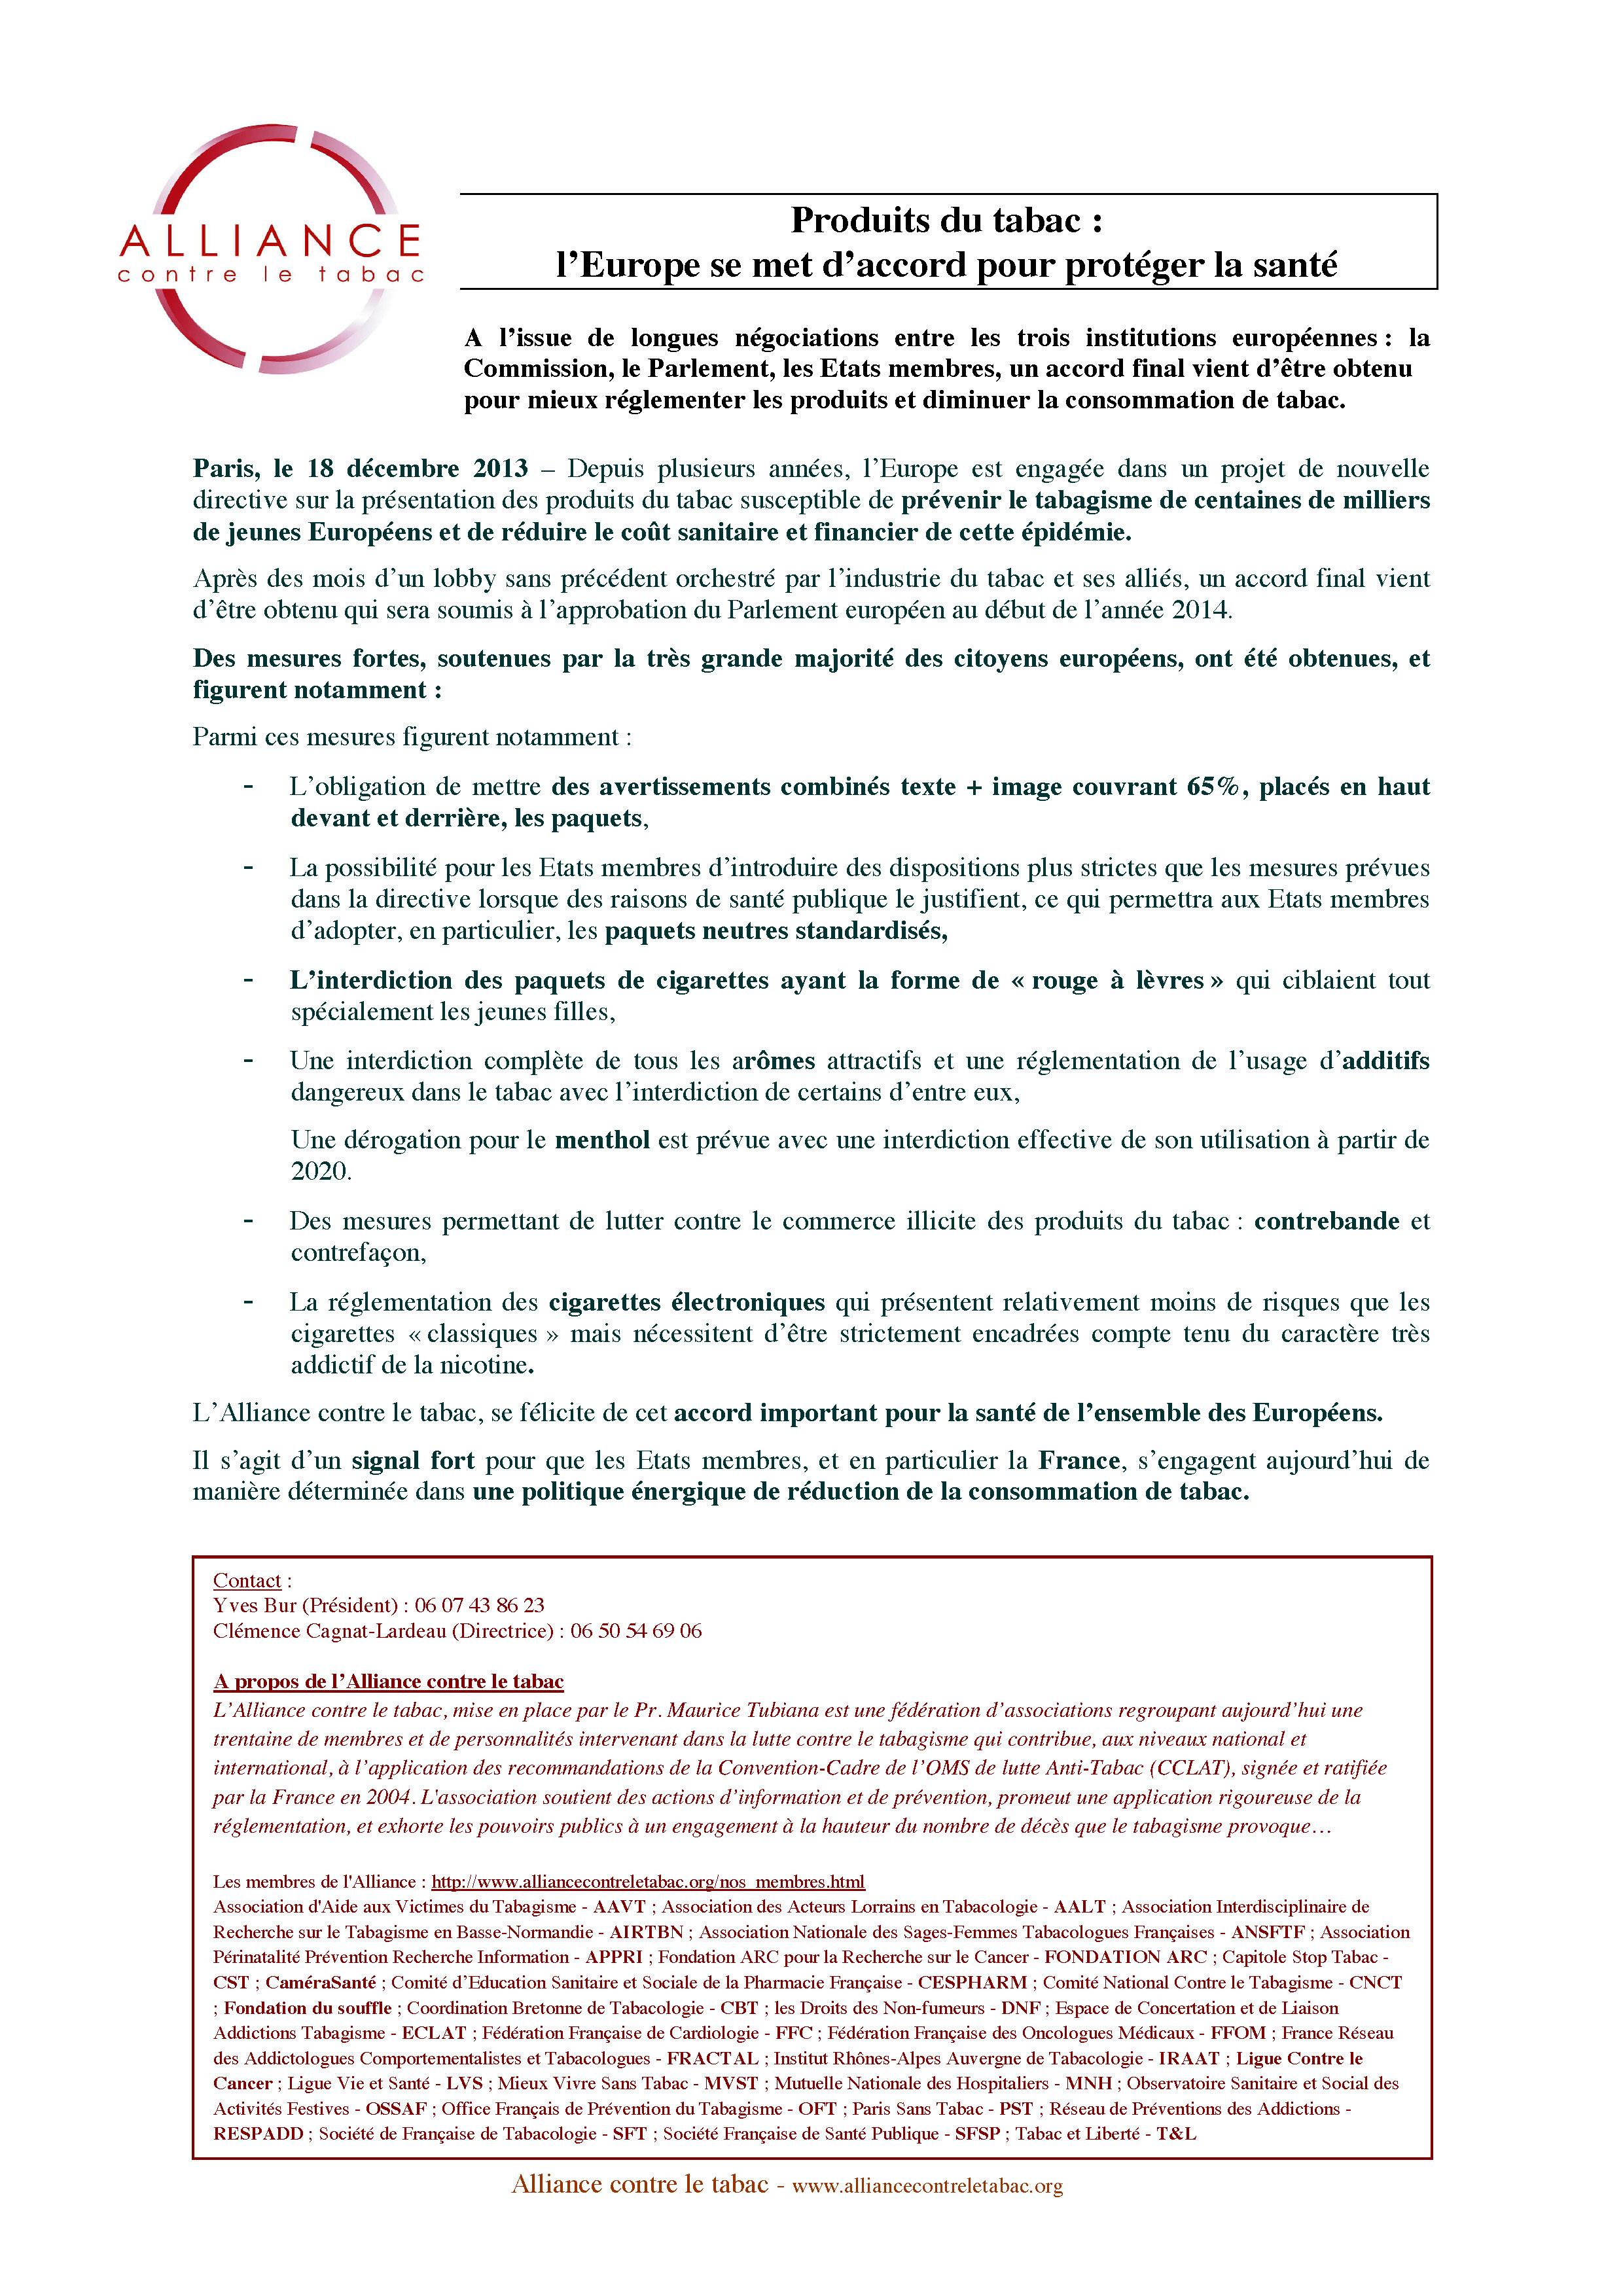 Alliance-CP_dir-europeenne-l-europe-se-met-d-accord-pour-proteger-la-sante-18dec2013.jpg